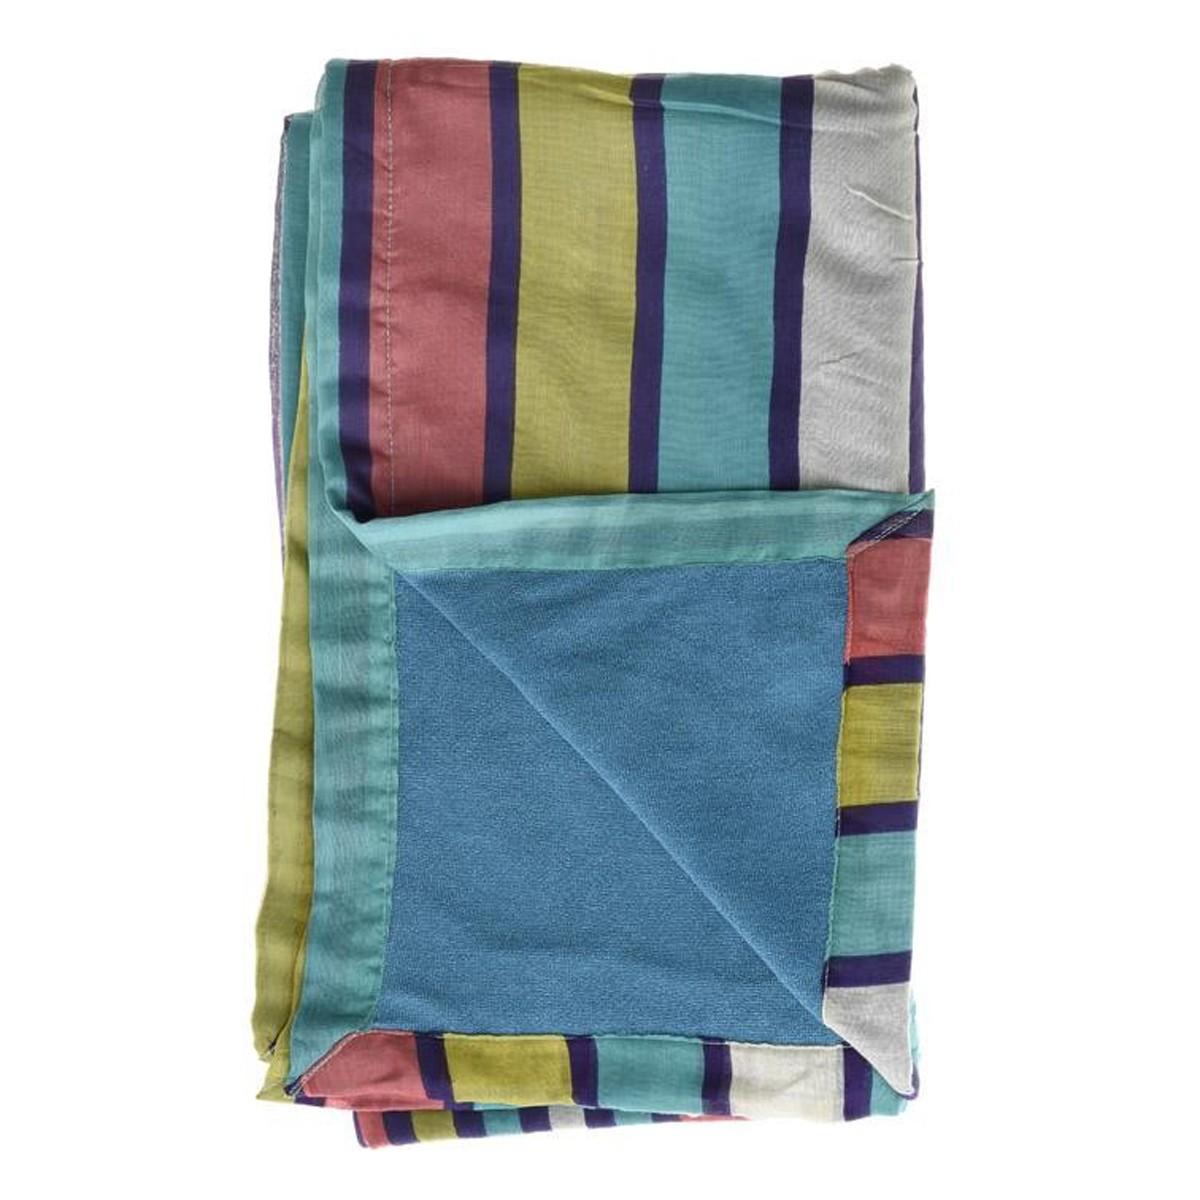 Πετσέτα Θαλάσσης - Παρεό InArt Ble 5-46-732-0004